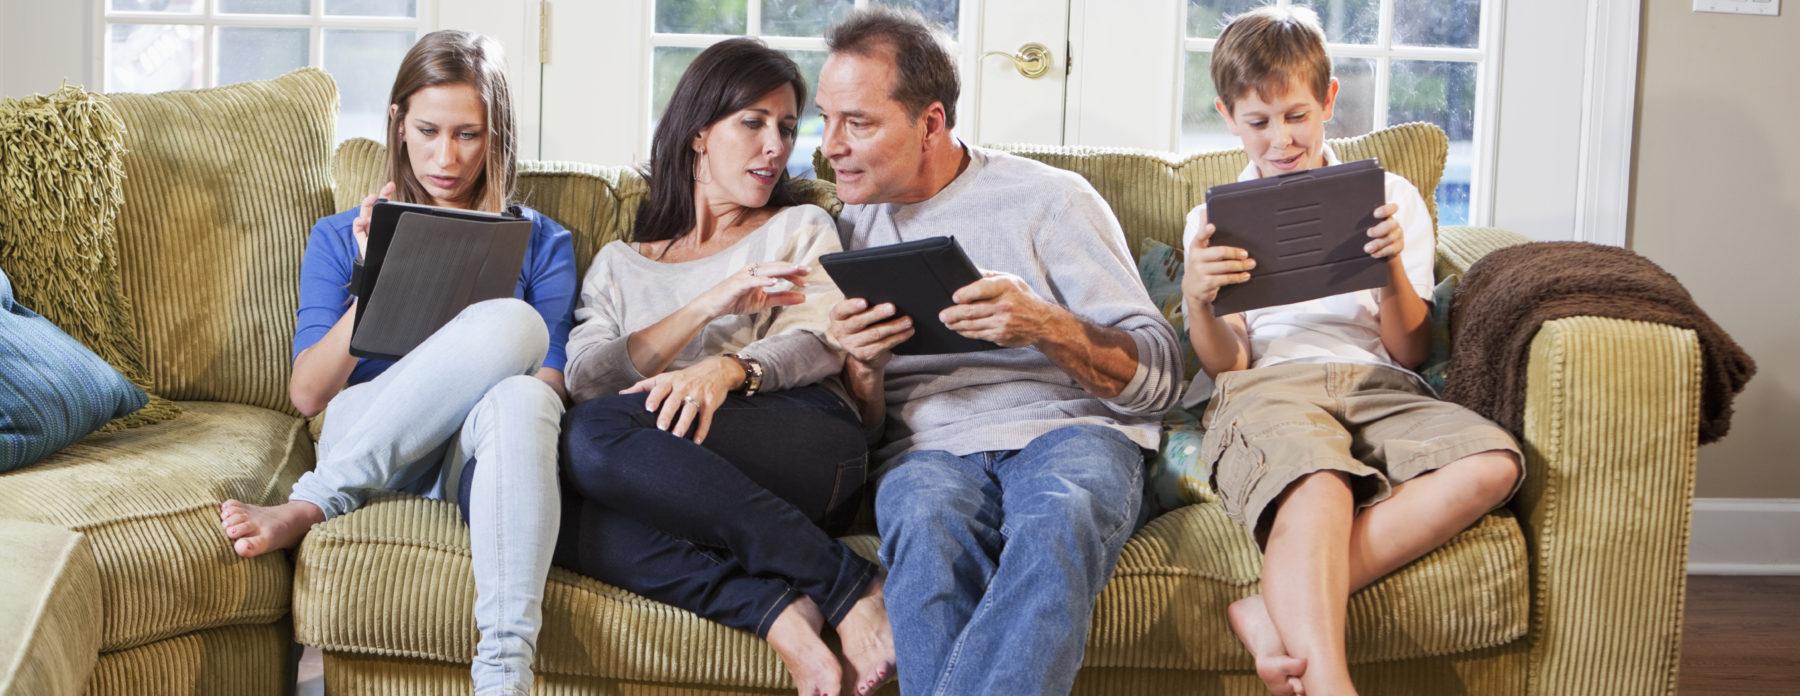 How to Parent a Digital Native